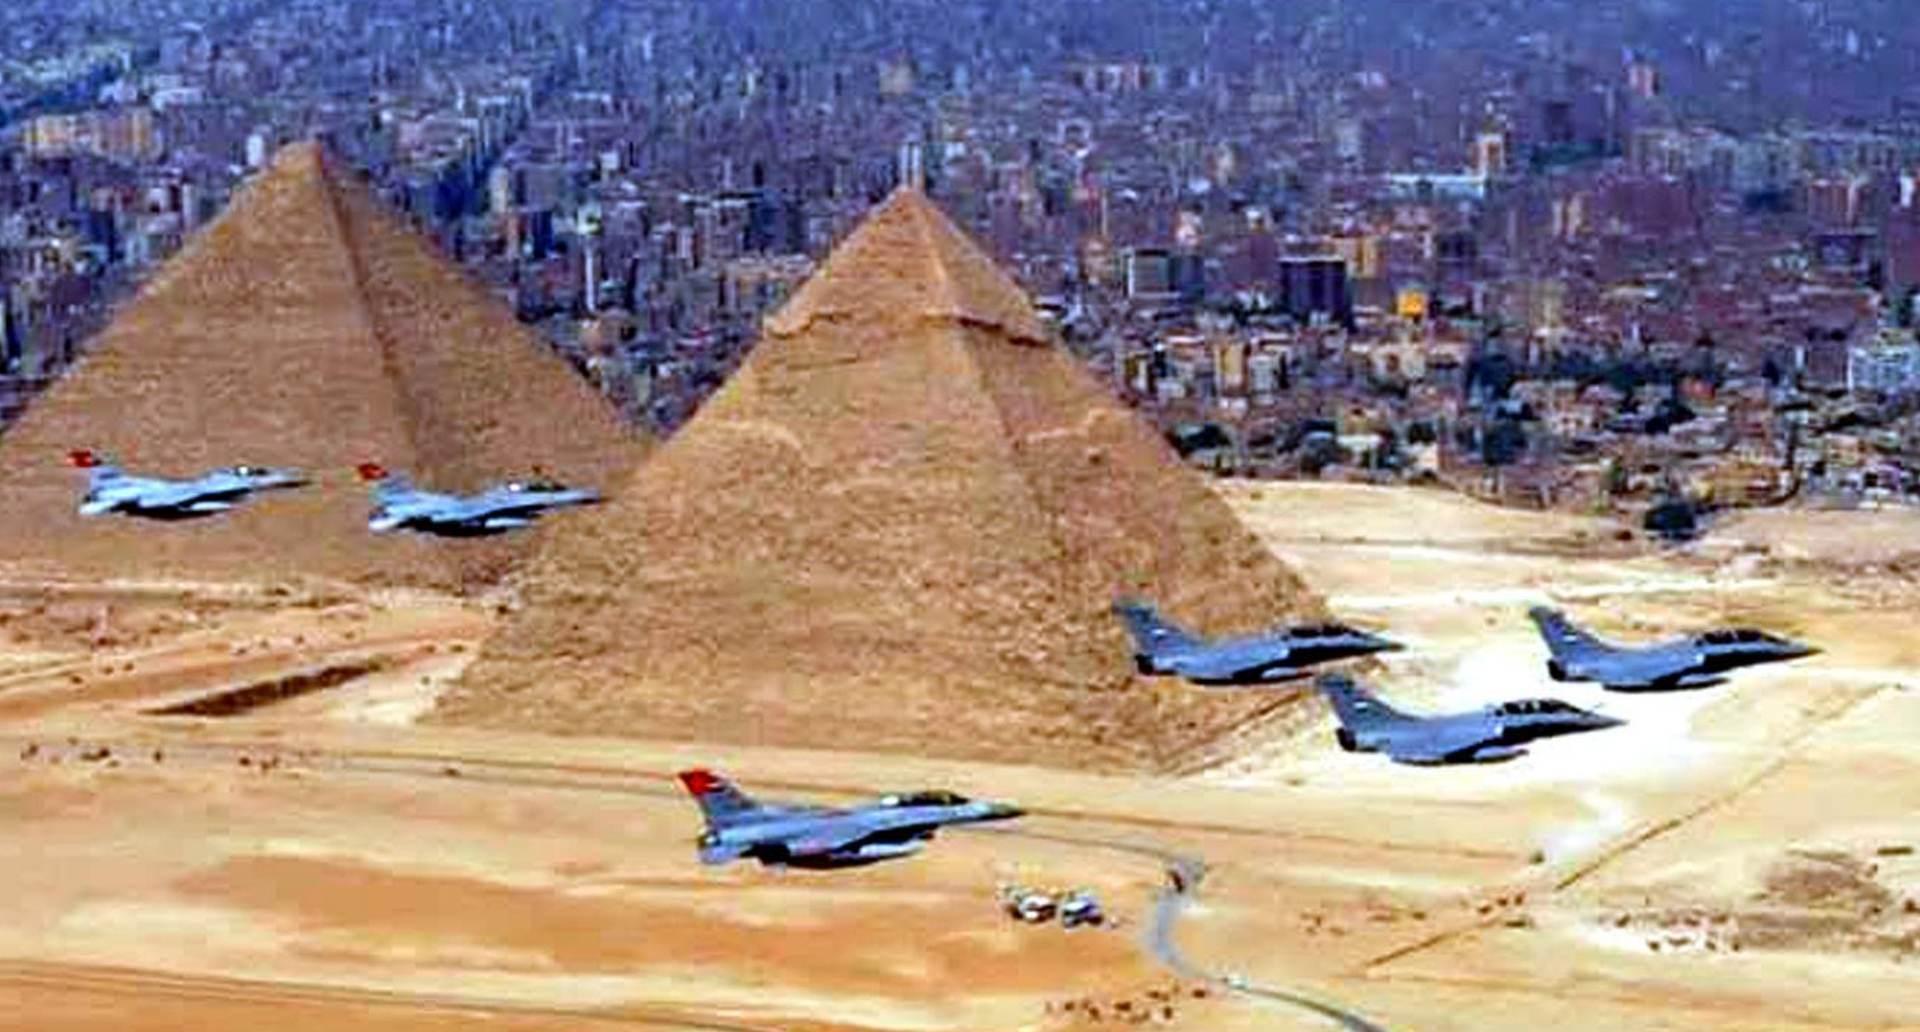 ČETVERO RANJENIH: Bomba deaktivirana blizu piramida u Kairu